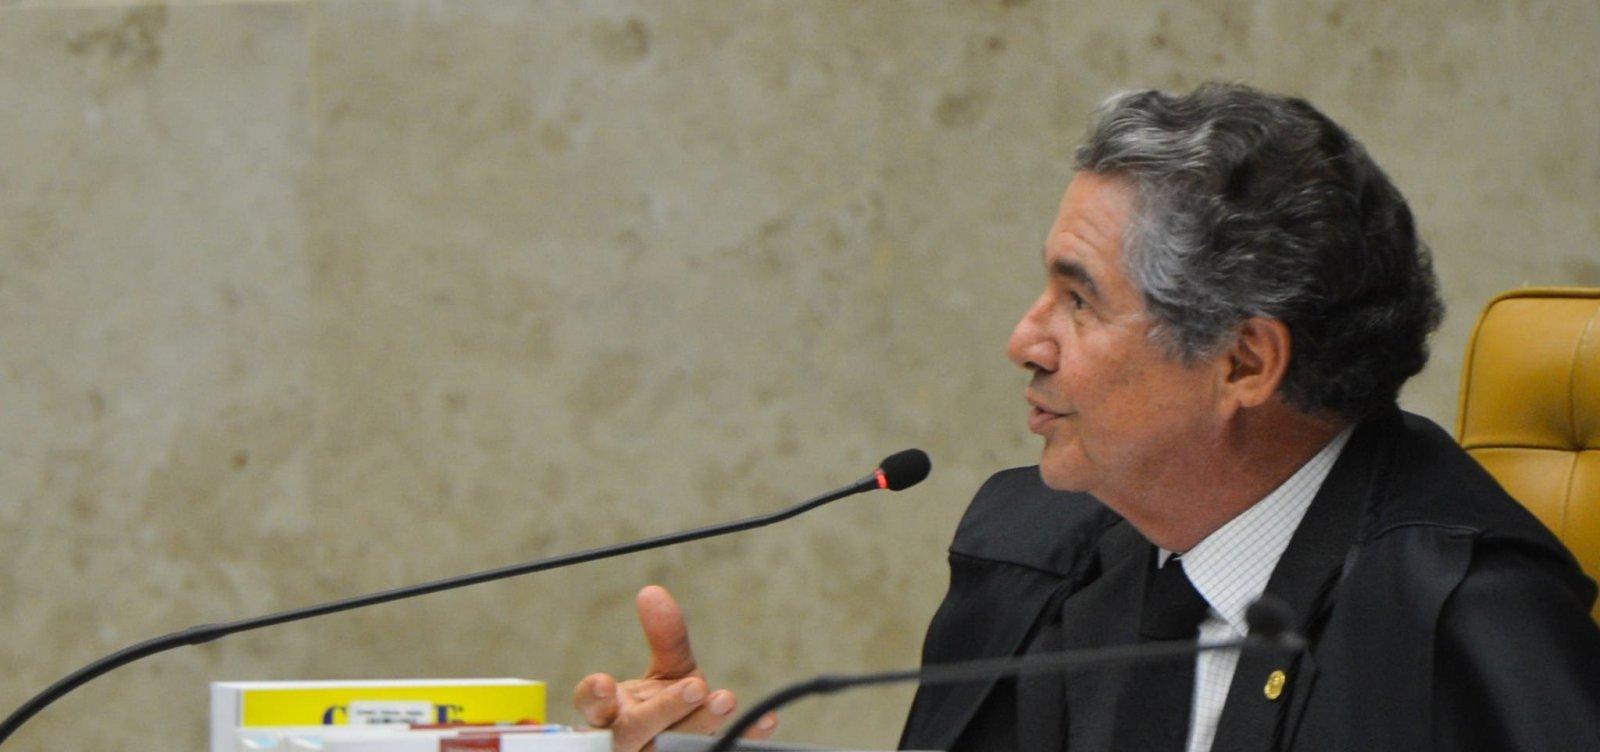 [Ministro diz que eleições obstruem reanálise da prisão em 2ª instância]